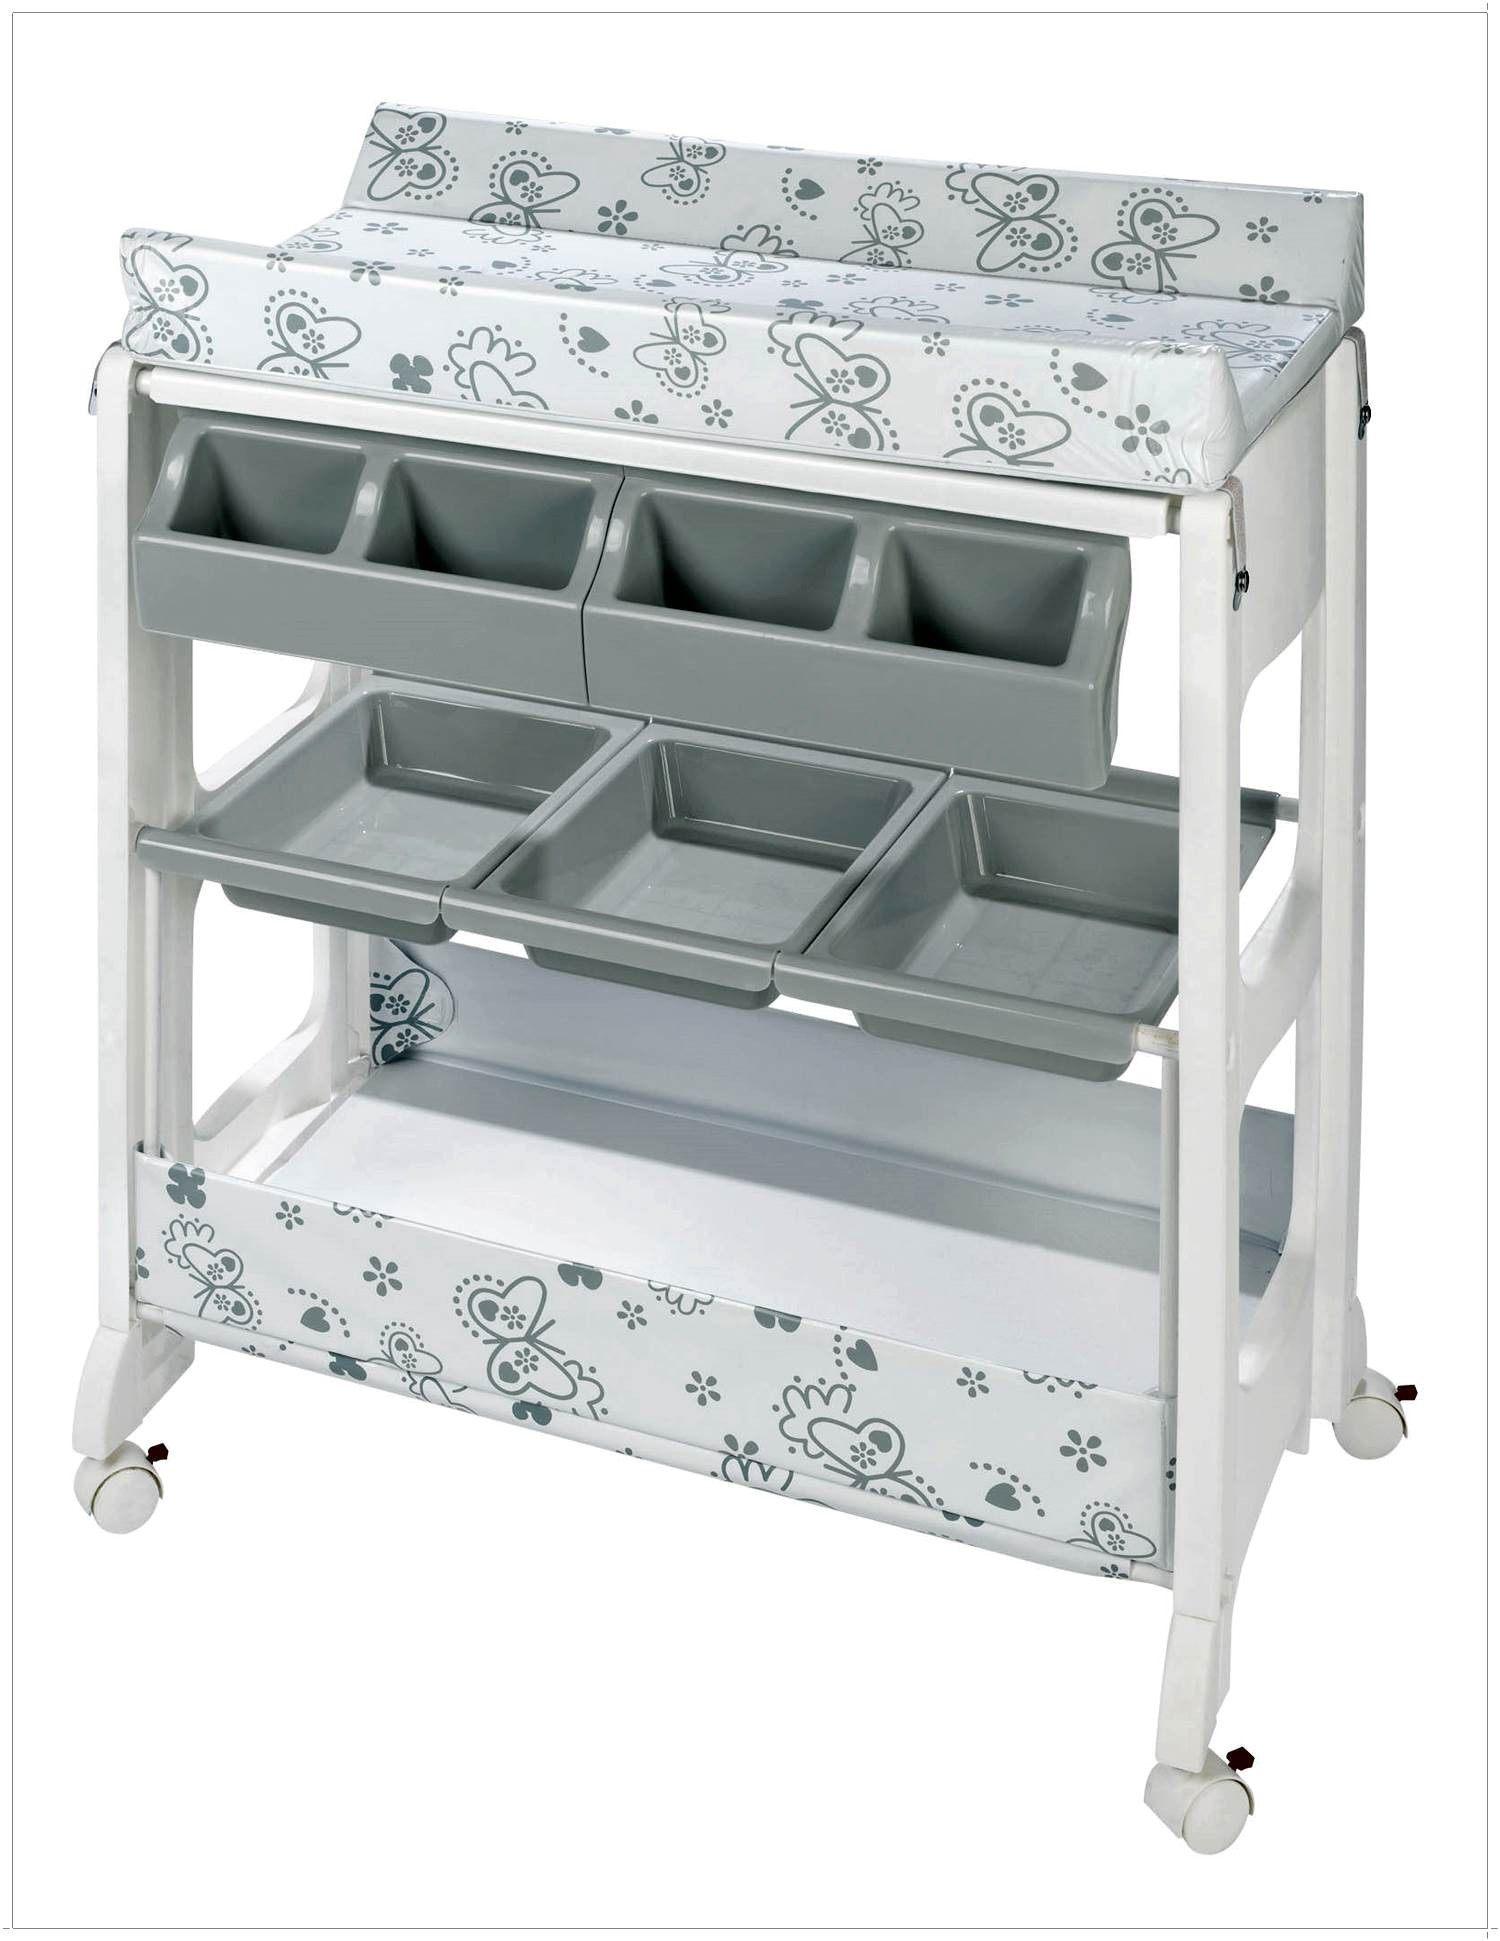 Lit Bébé Et Table A Langer Douce Baignoire Ronde Bébé Best Table Langer Conforama Ides – Appiar